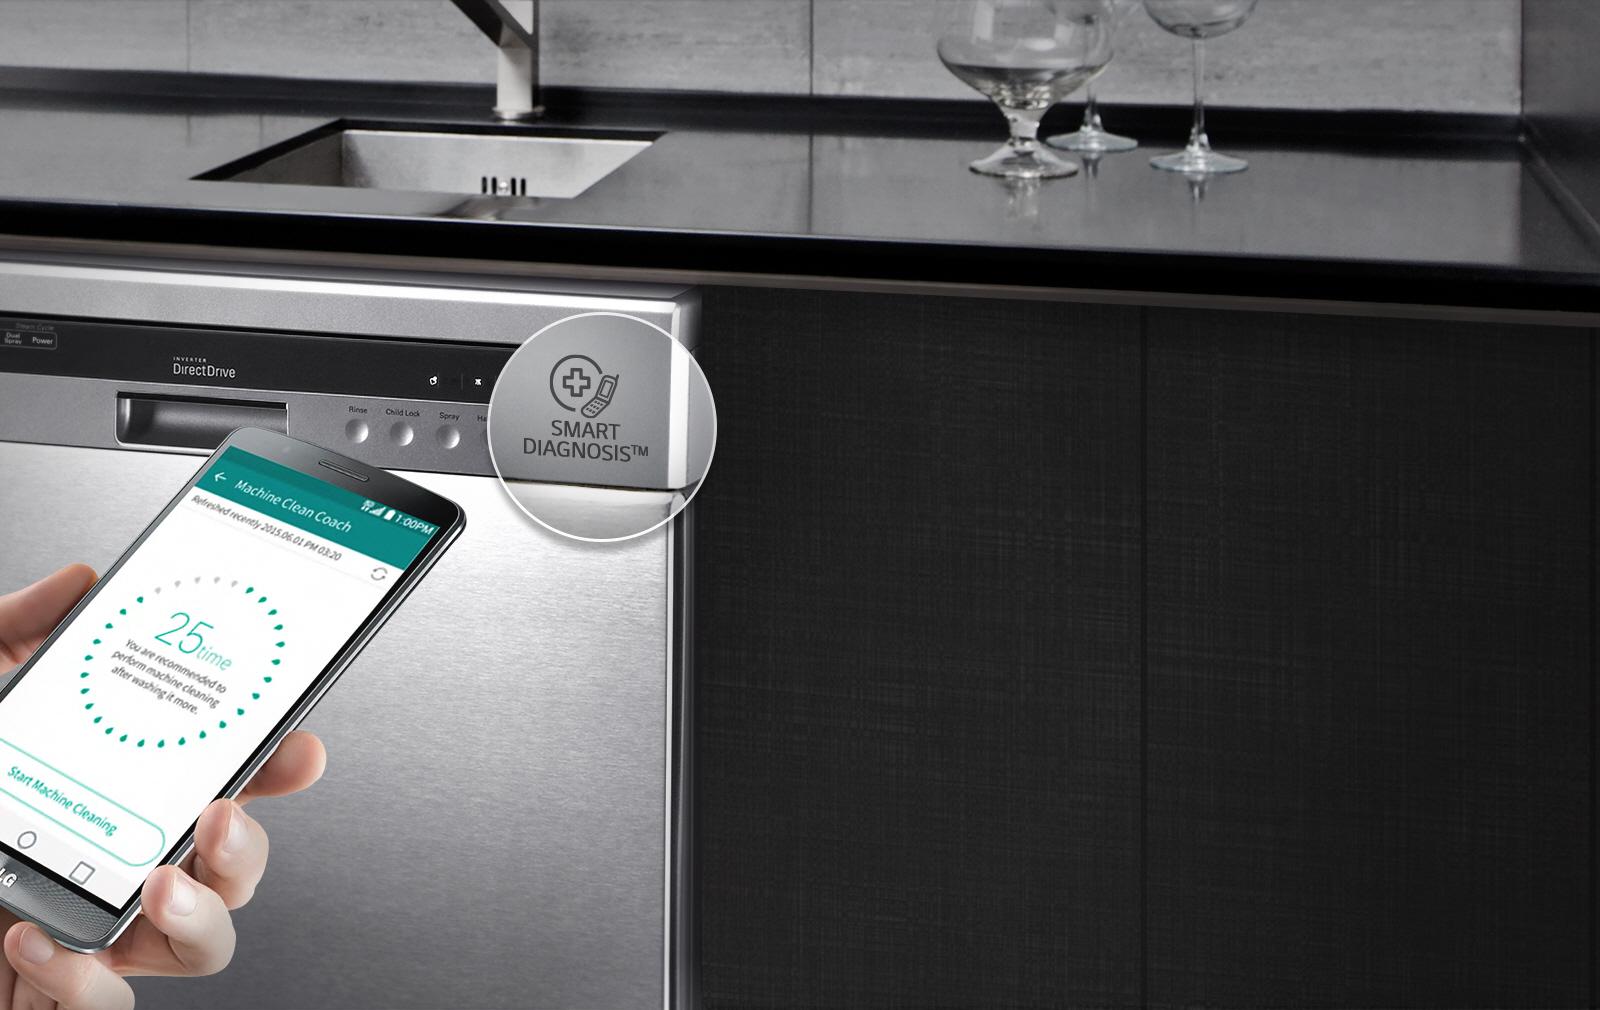 LG Smart dishwasher